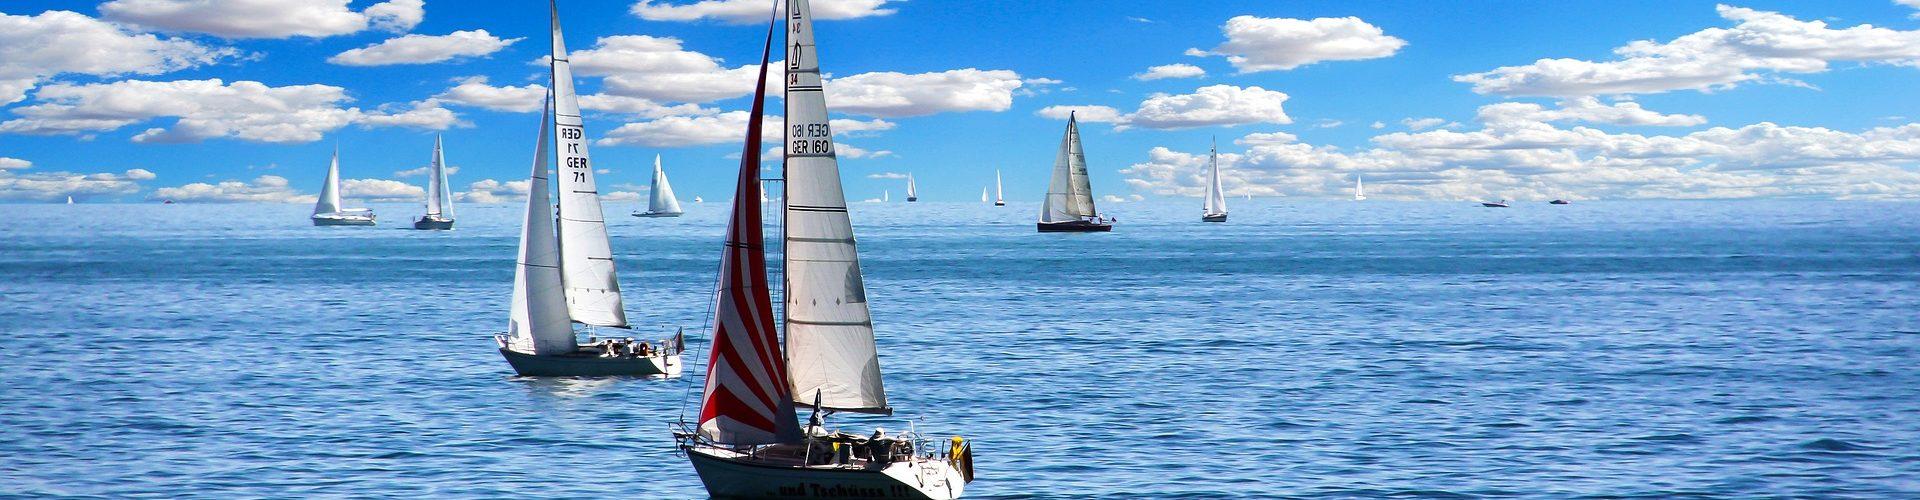 segeln lernen in Übersee segelschein machen in Übersee 1920x500 - Segeln lernen in Übersee